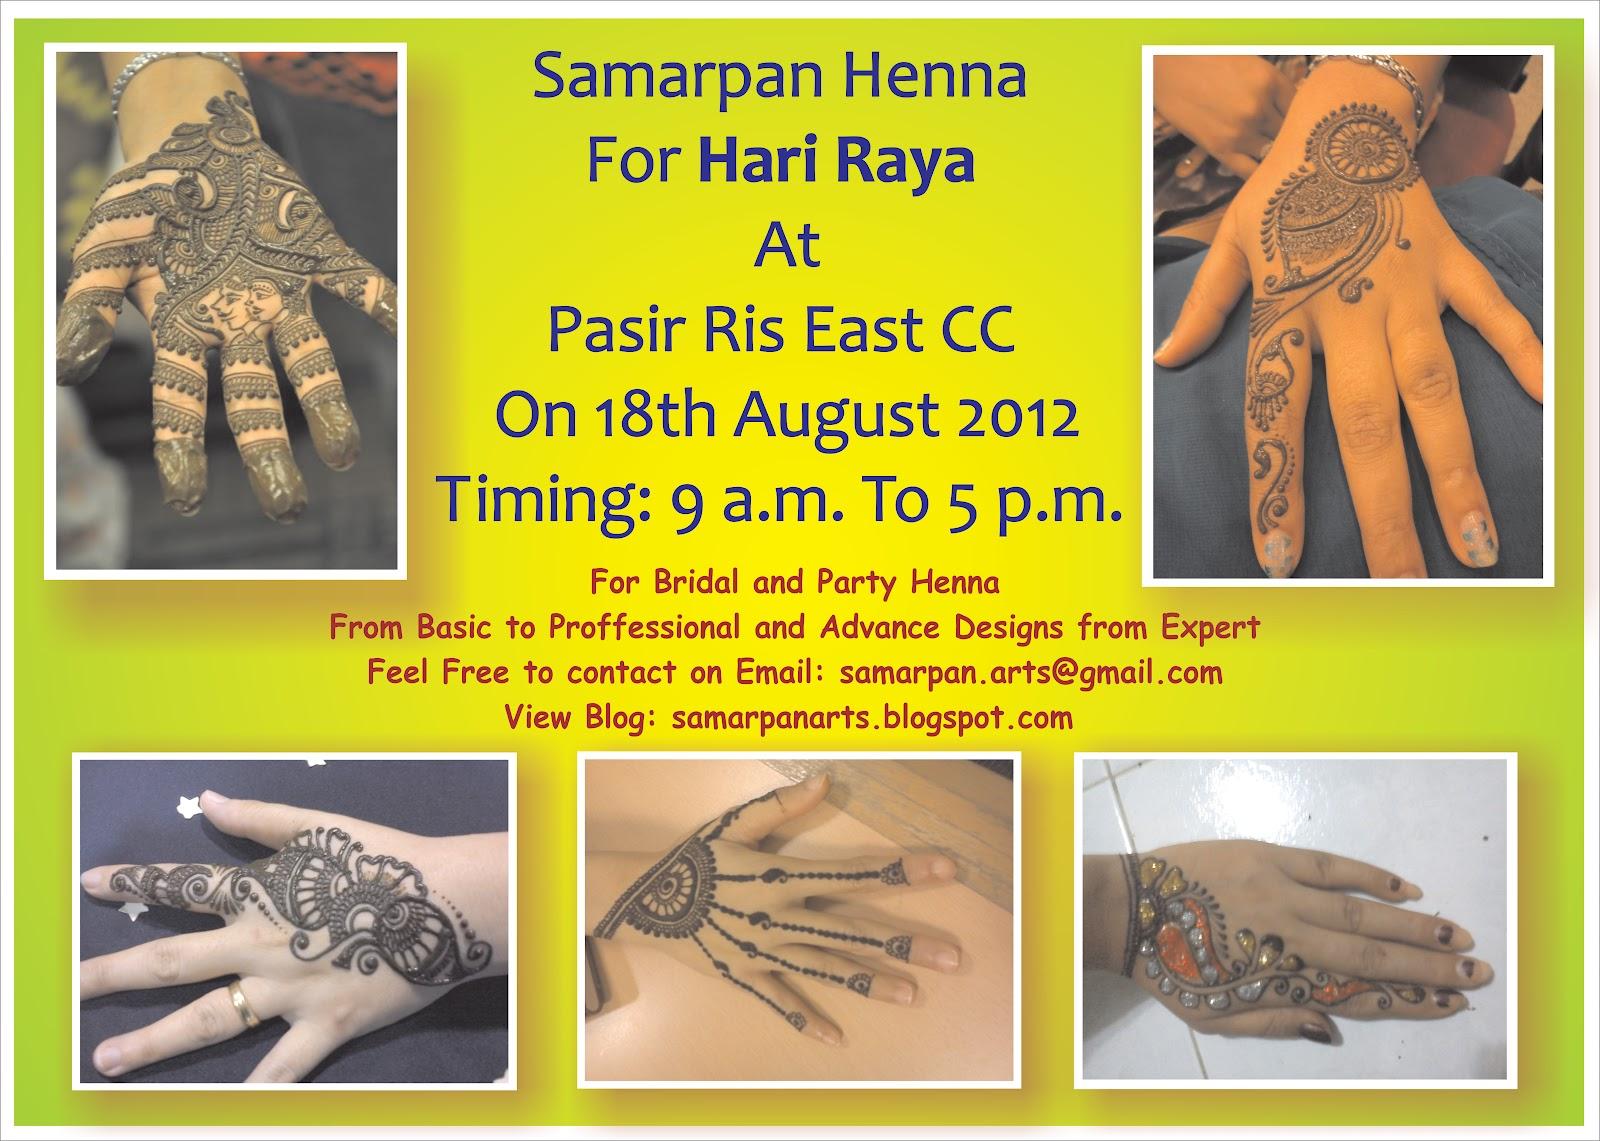 Samarpan Arts Henna For Hari Raya At Pasir Ris